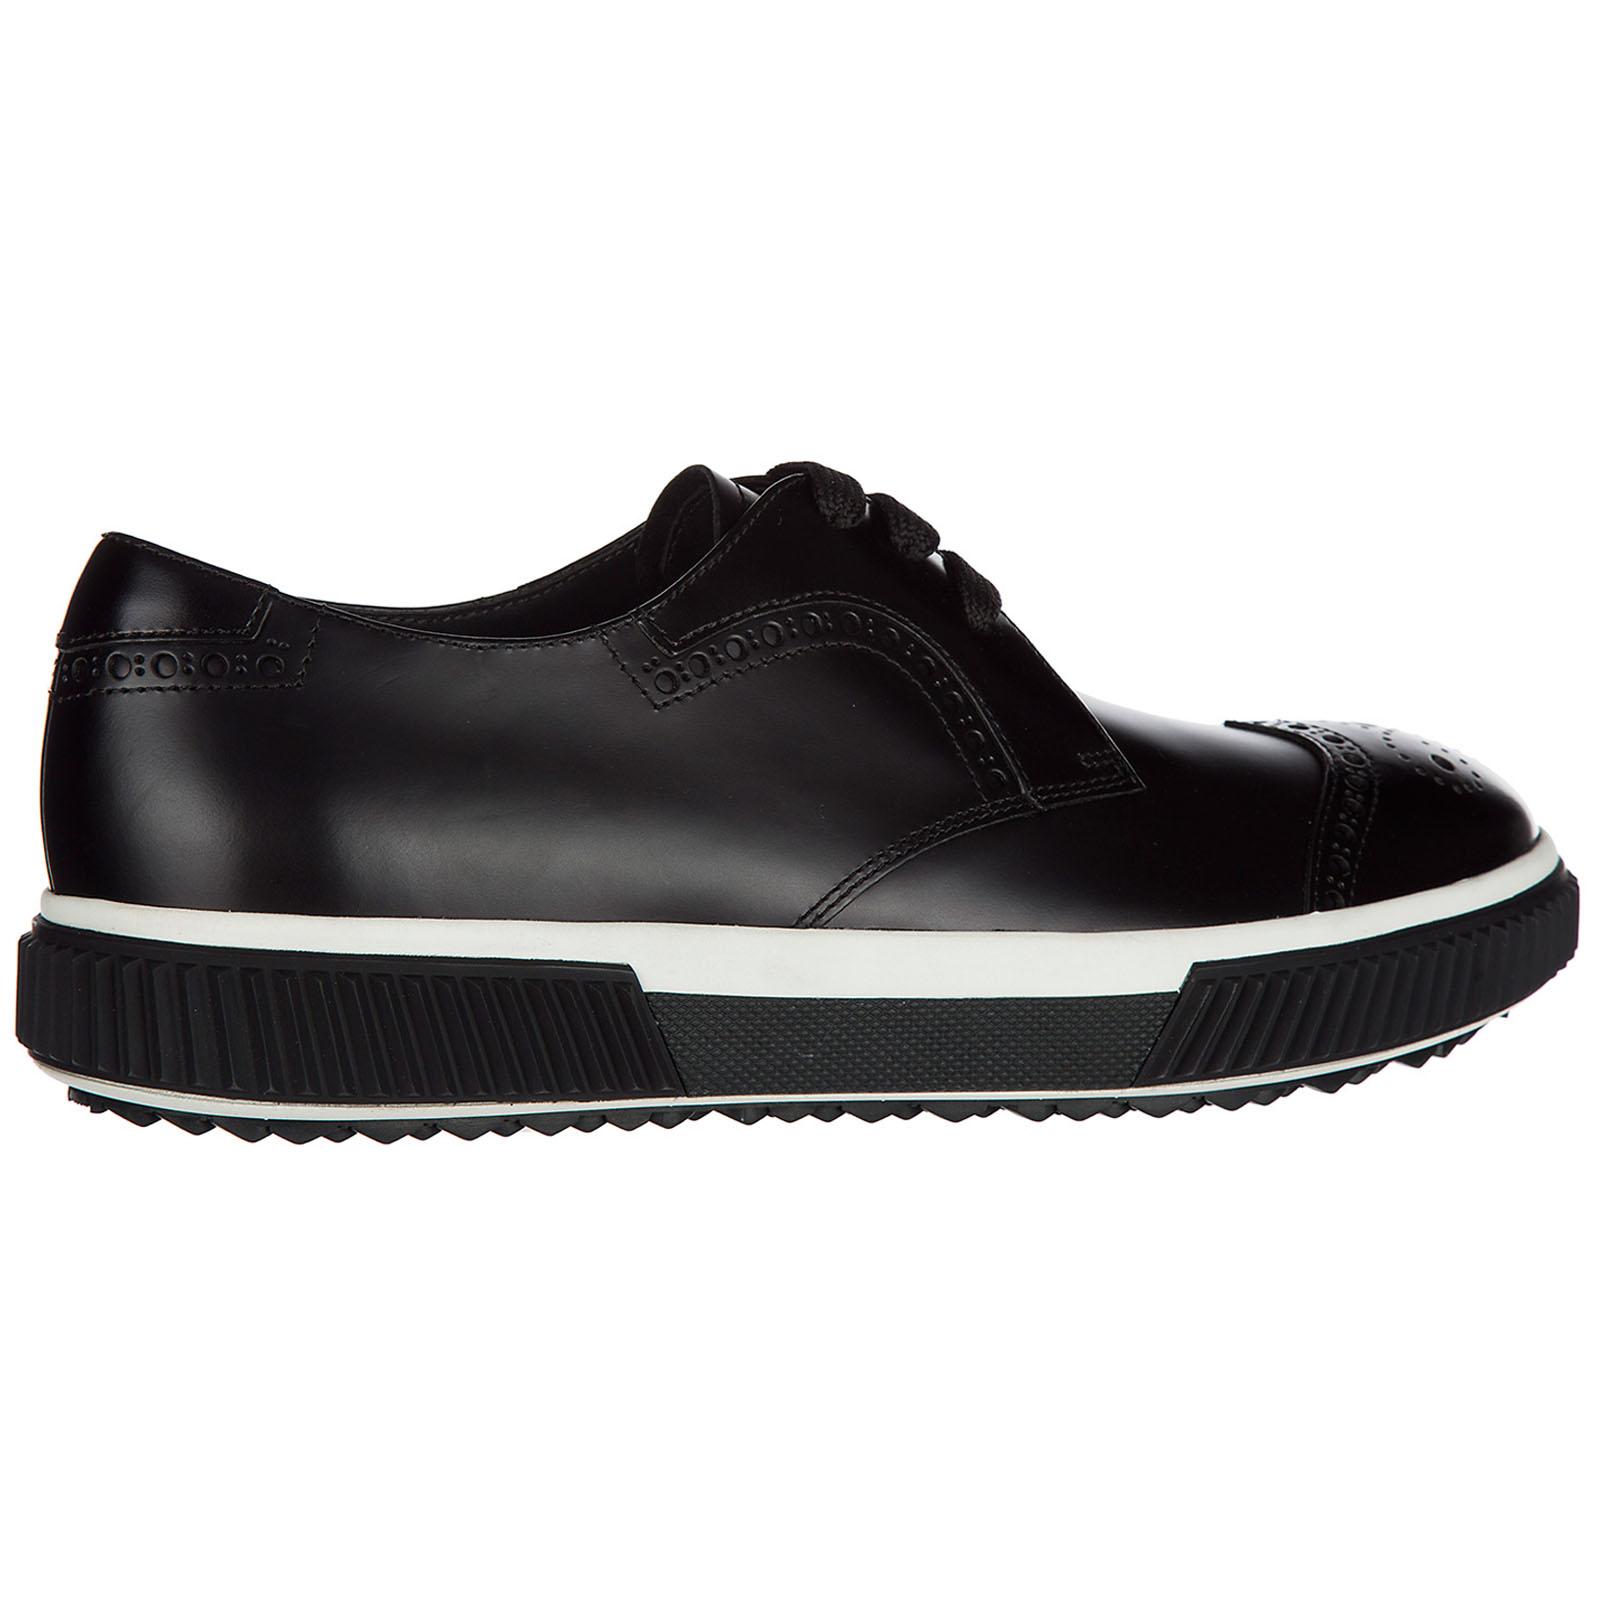 ... Chaussures à lacets classiques homme en cuir spazzolato roi brogue ... 3933cc3ad4e6